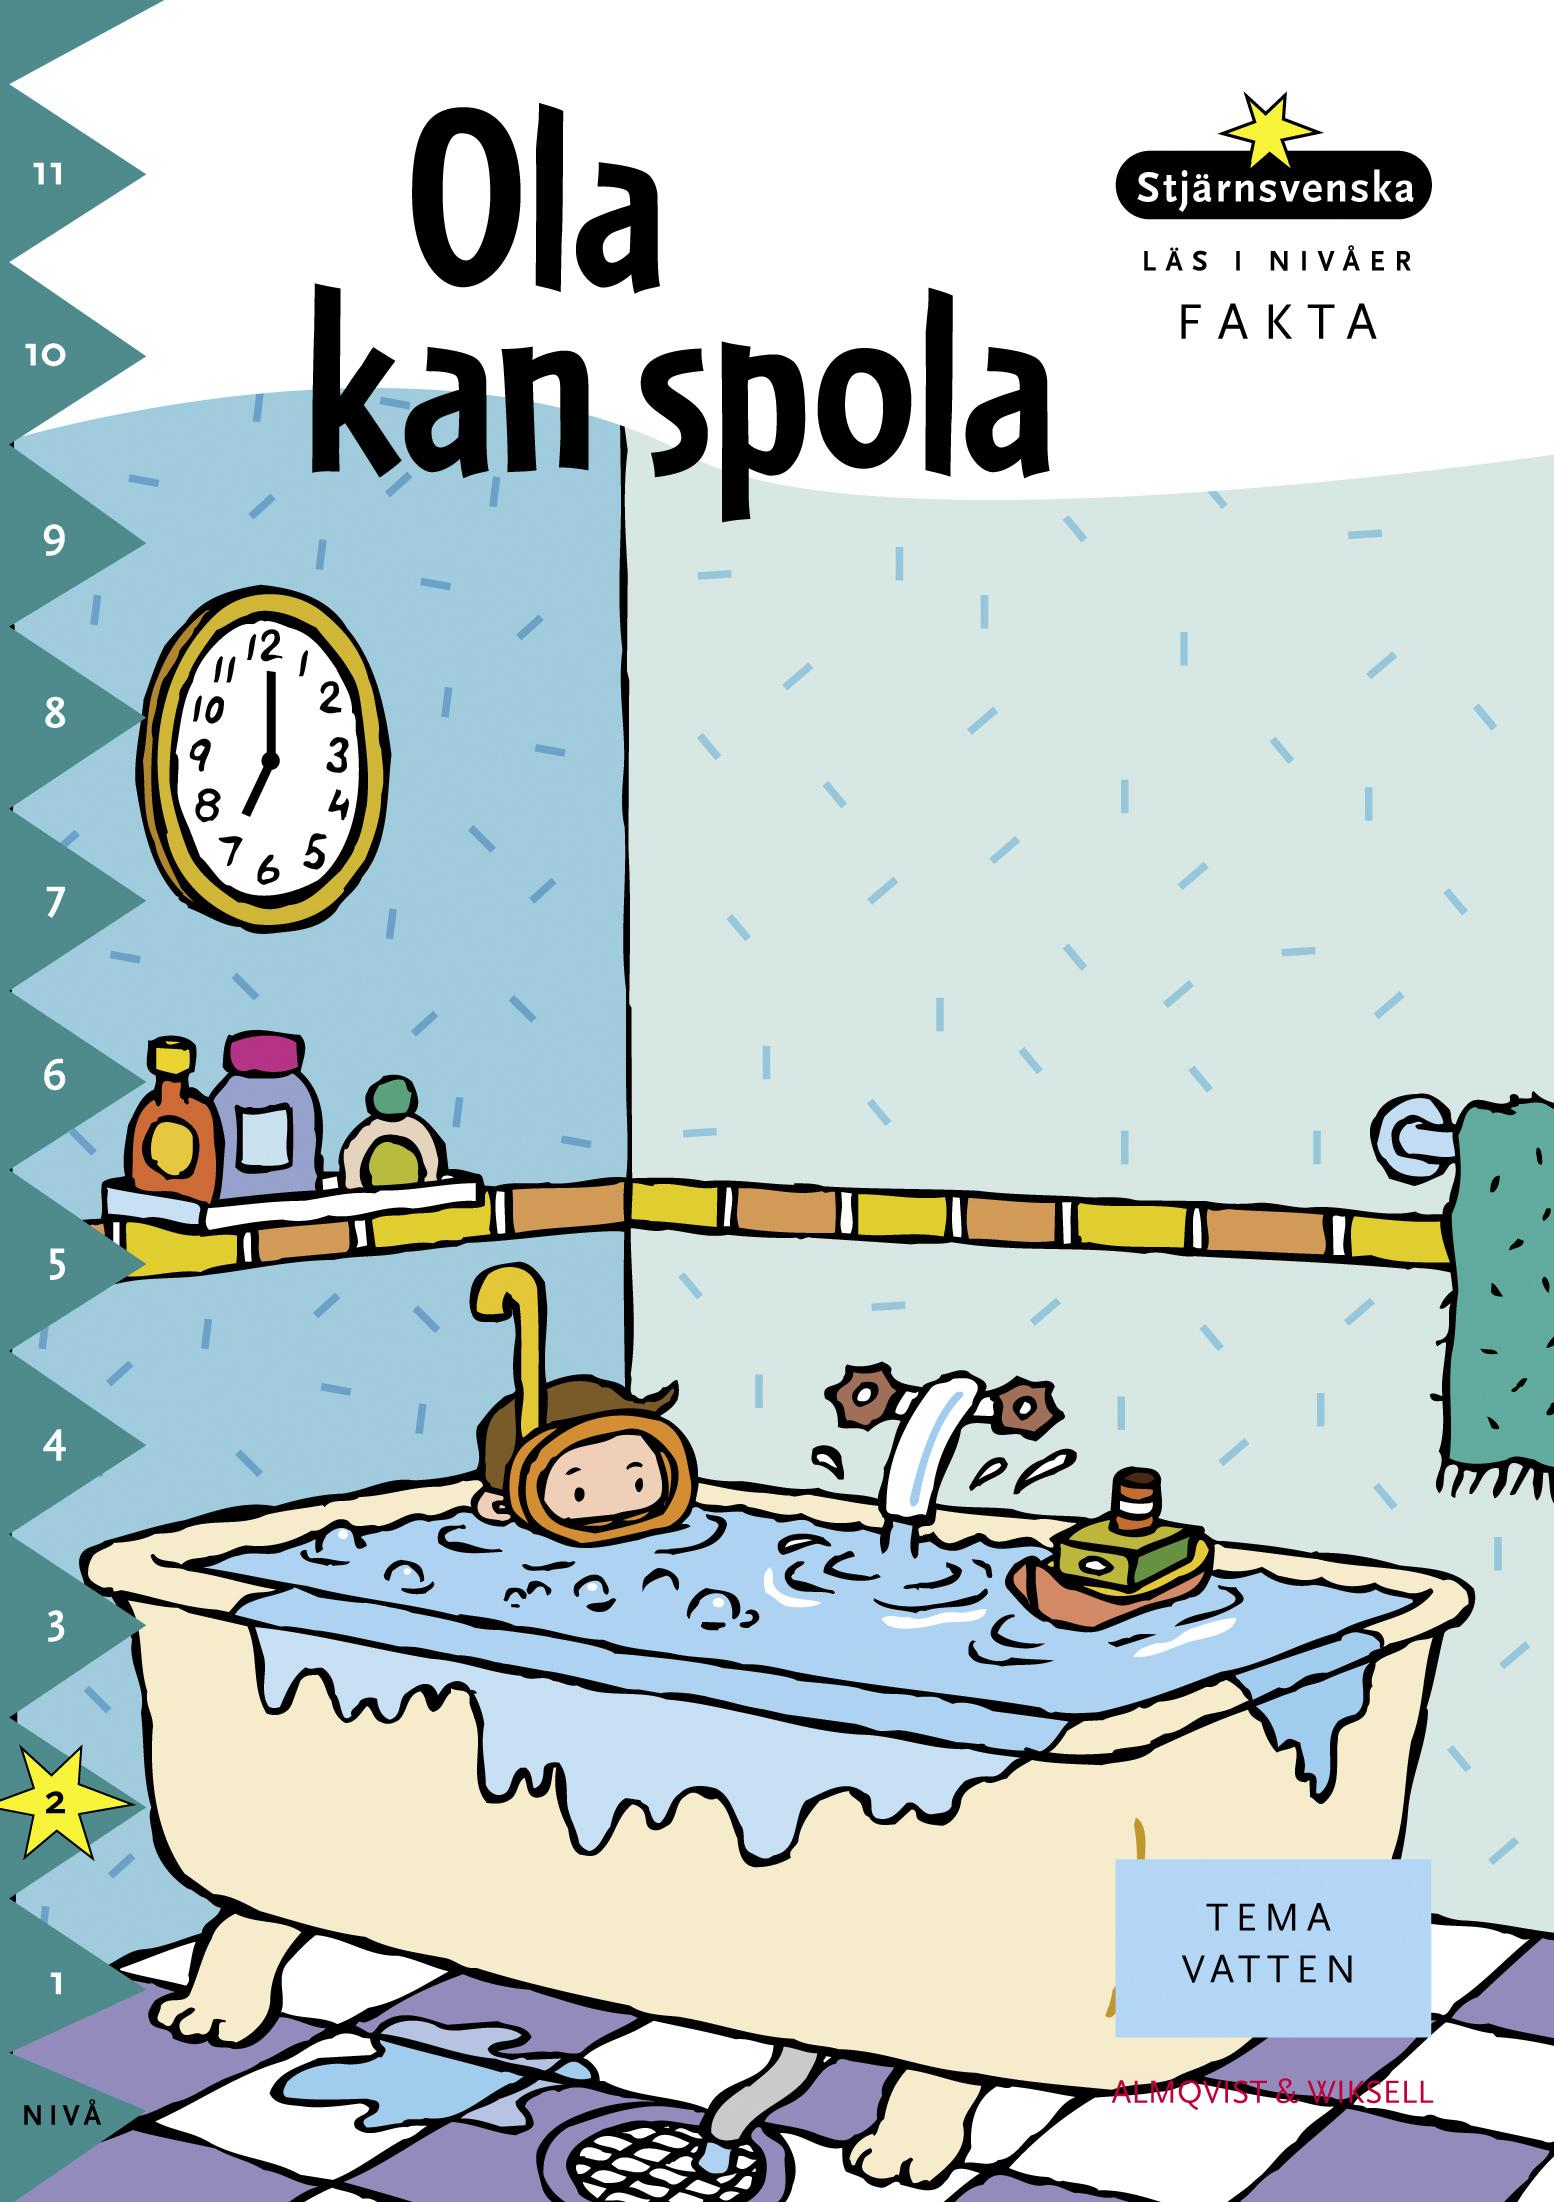 Barn med cyklop leker i överfullt badkar.